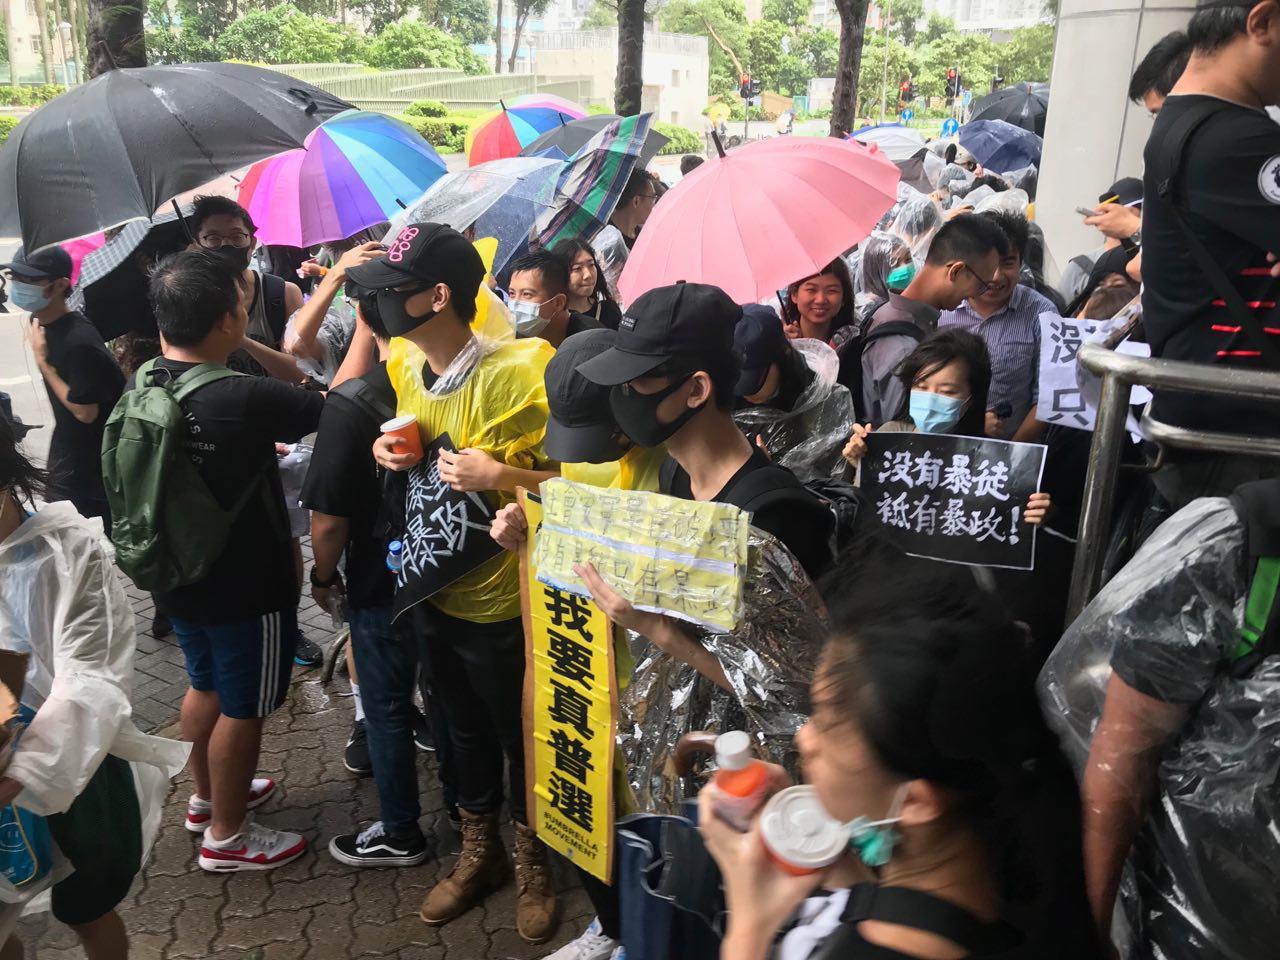 2019年7月31日,近千名市民聚集在香港東區法院,聲援被控的示威者。(蔡雯文/大紀元)